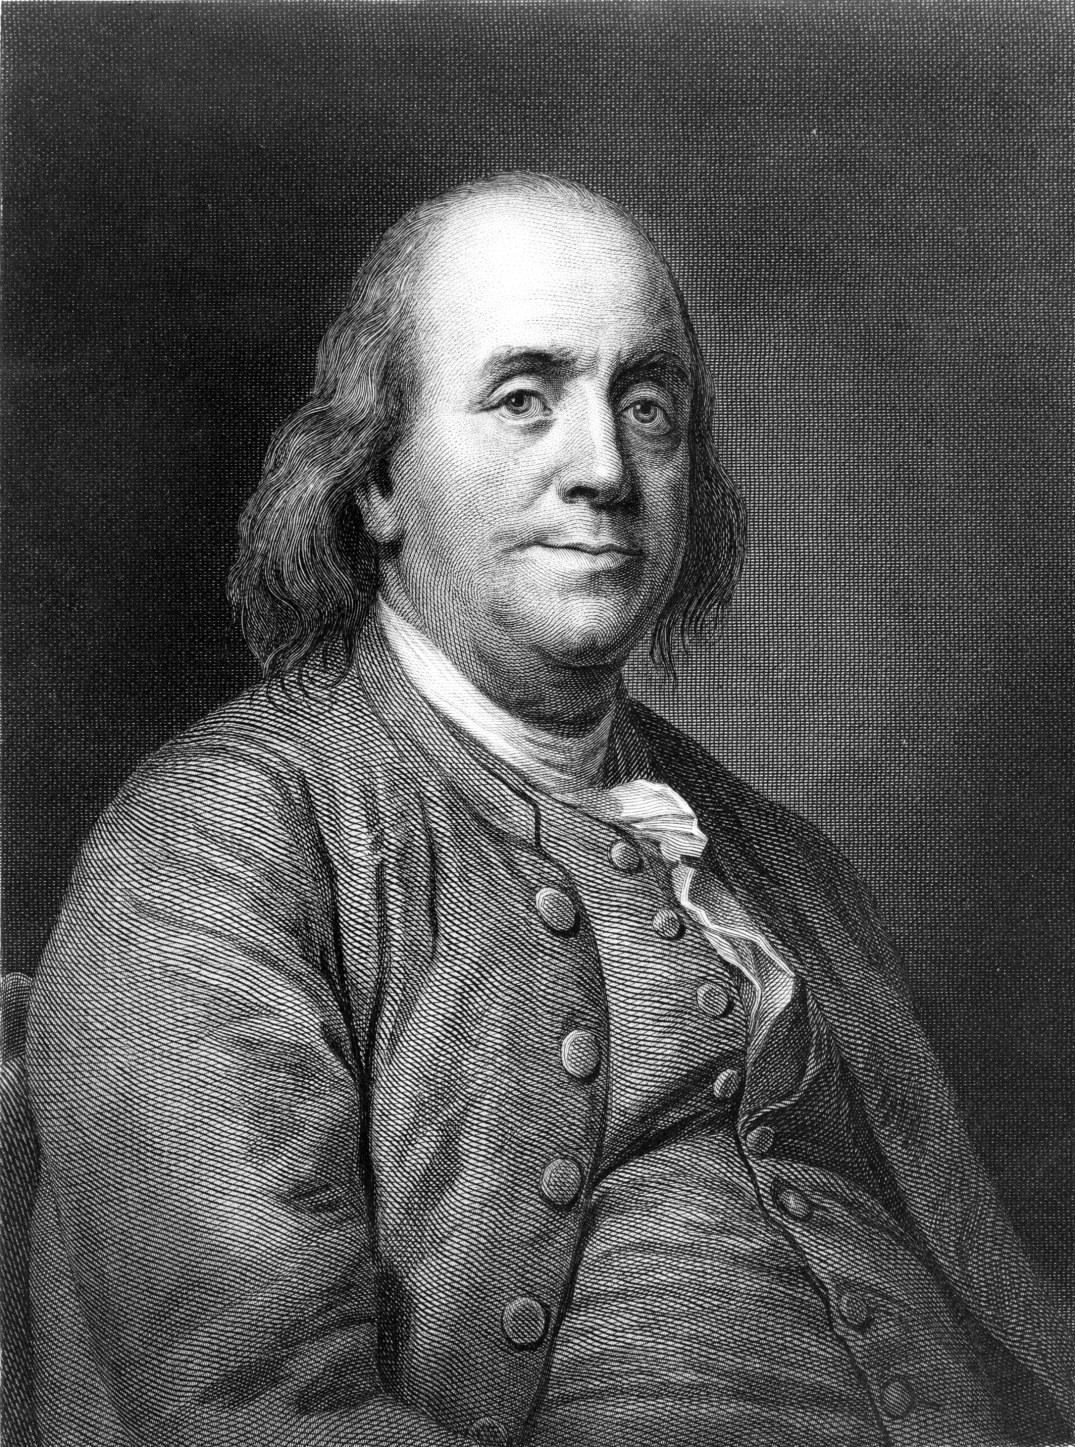 Benjamin Franklin e as pesquisas sobre eletricidade